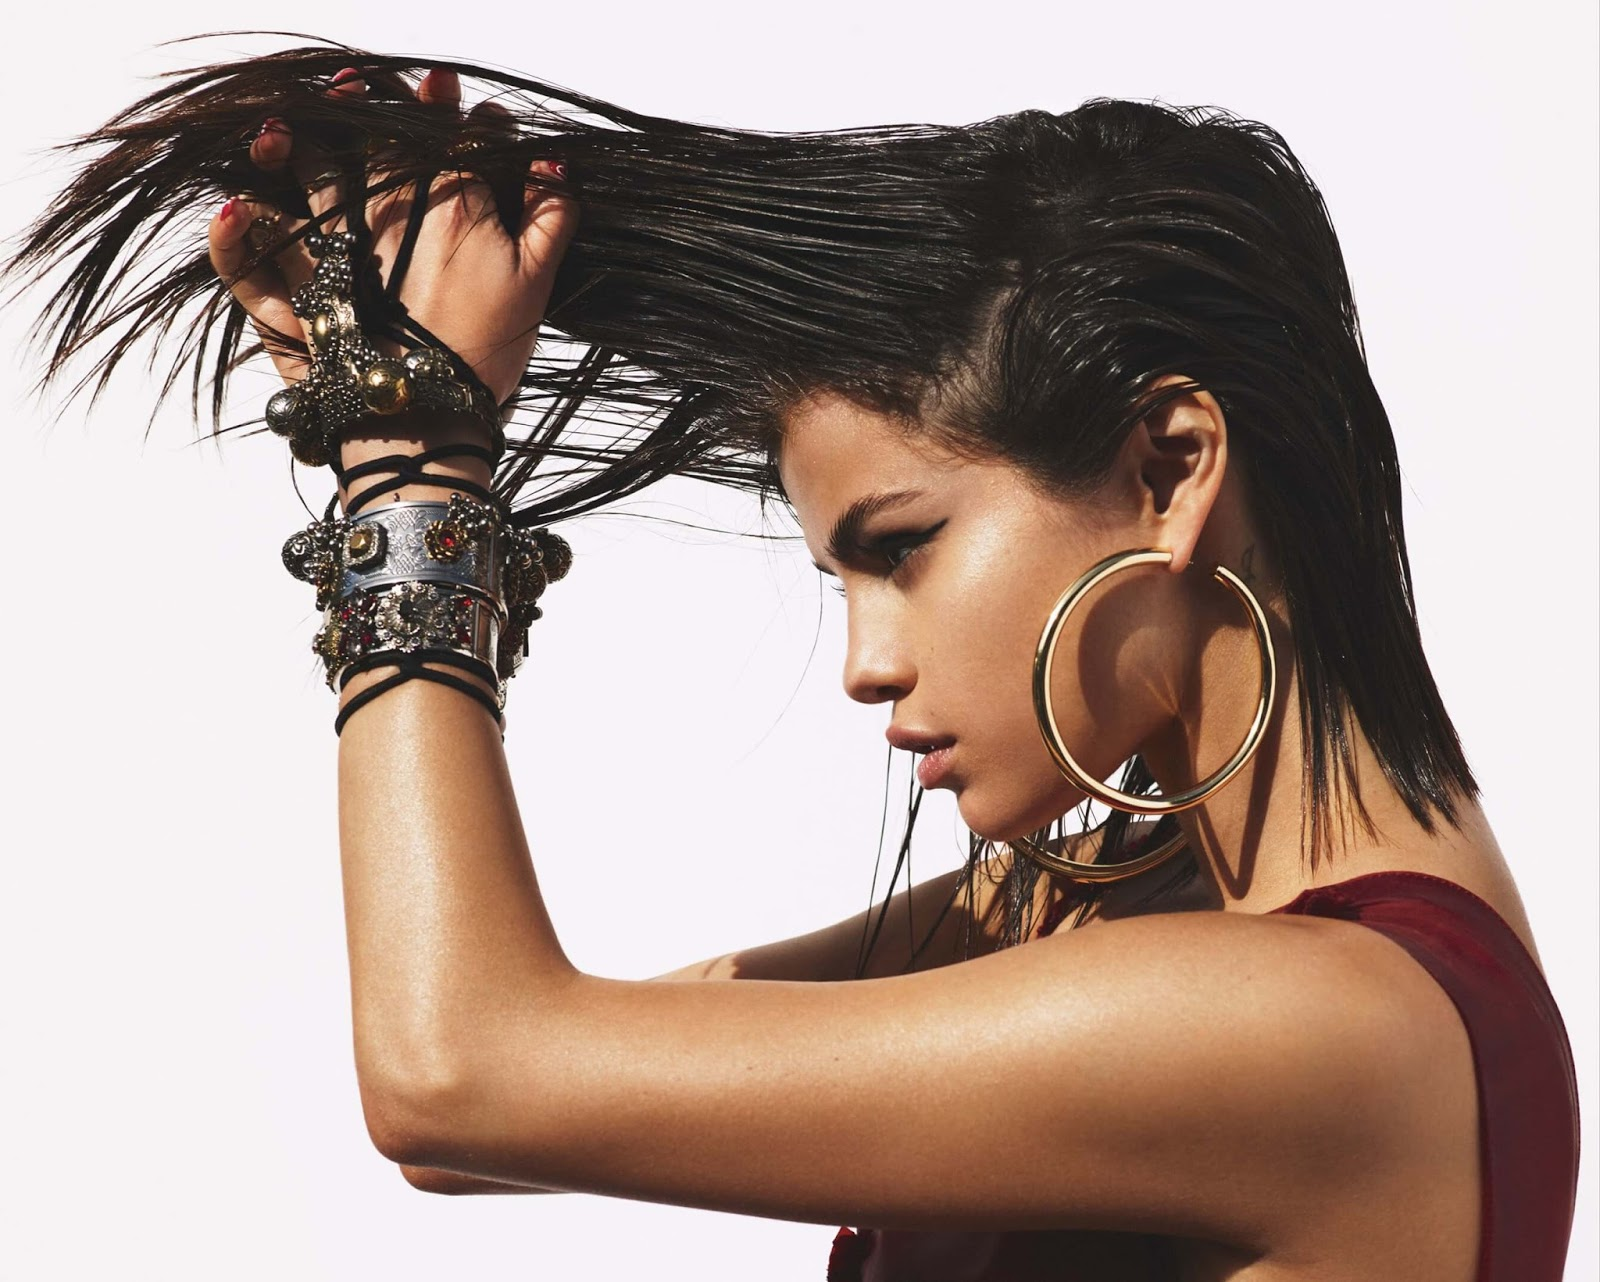 Selena Gomez habla sobre su salud mental, el por qué dejó de usar las redes sociales, y más para Vogue